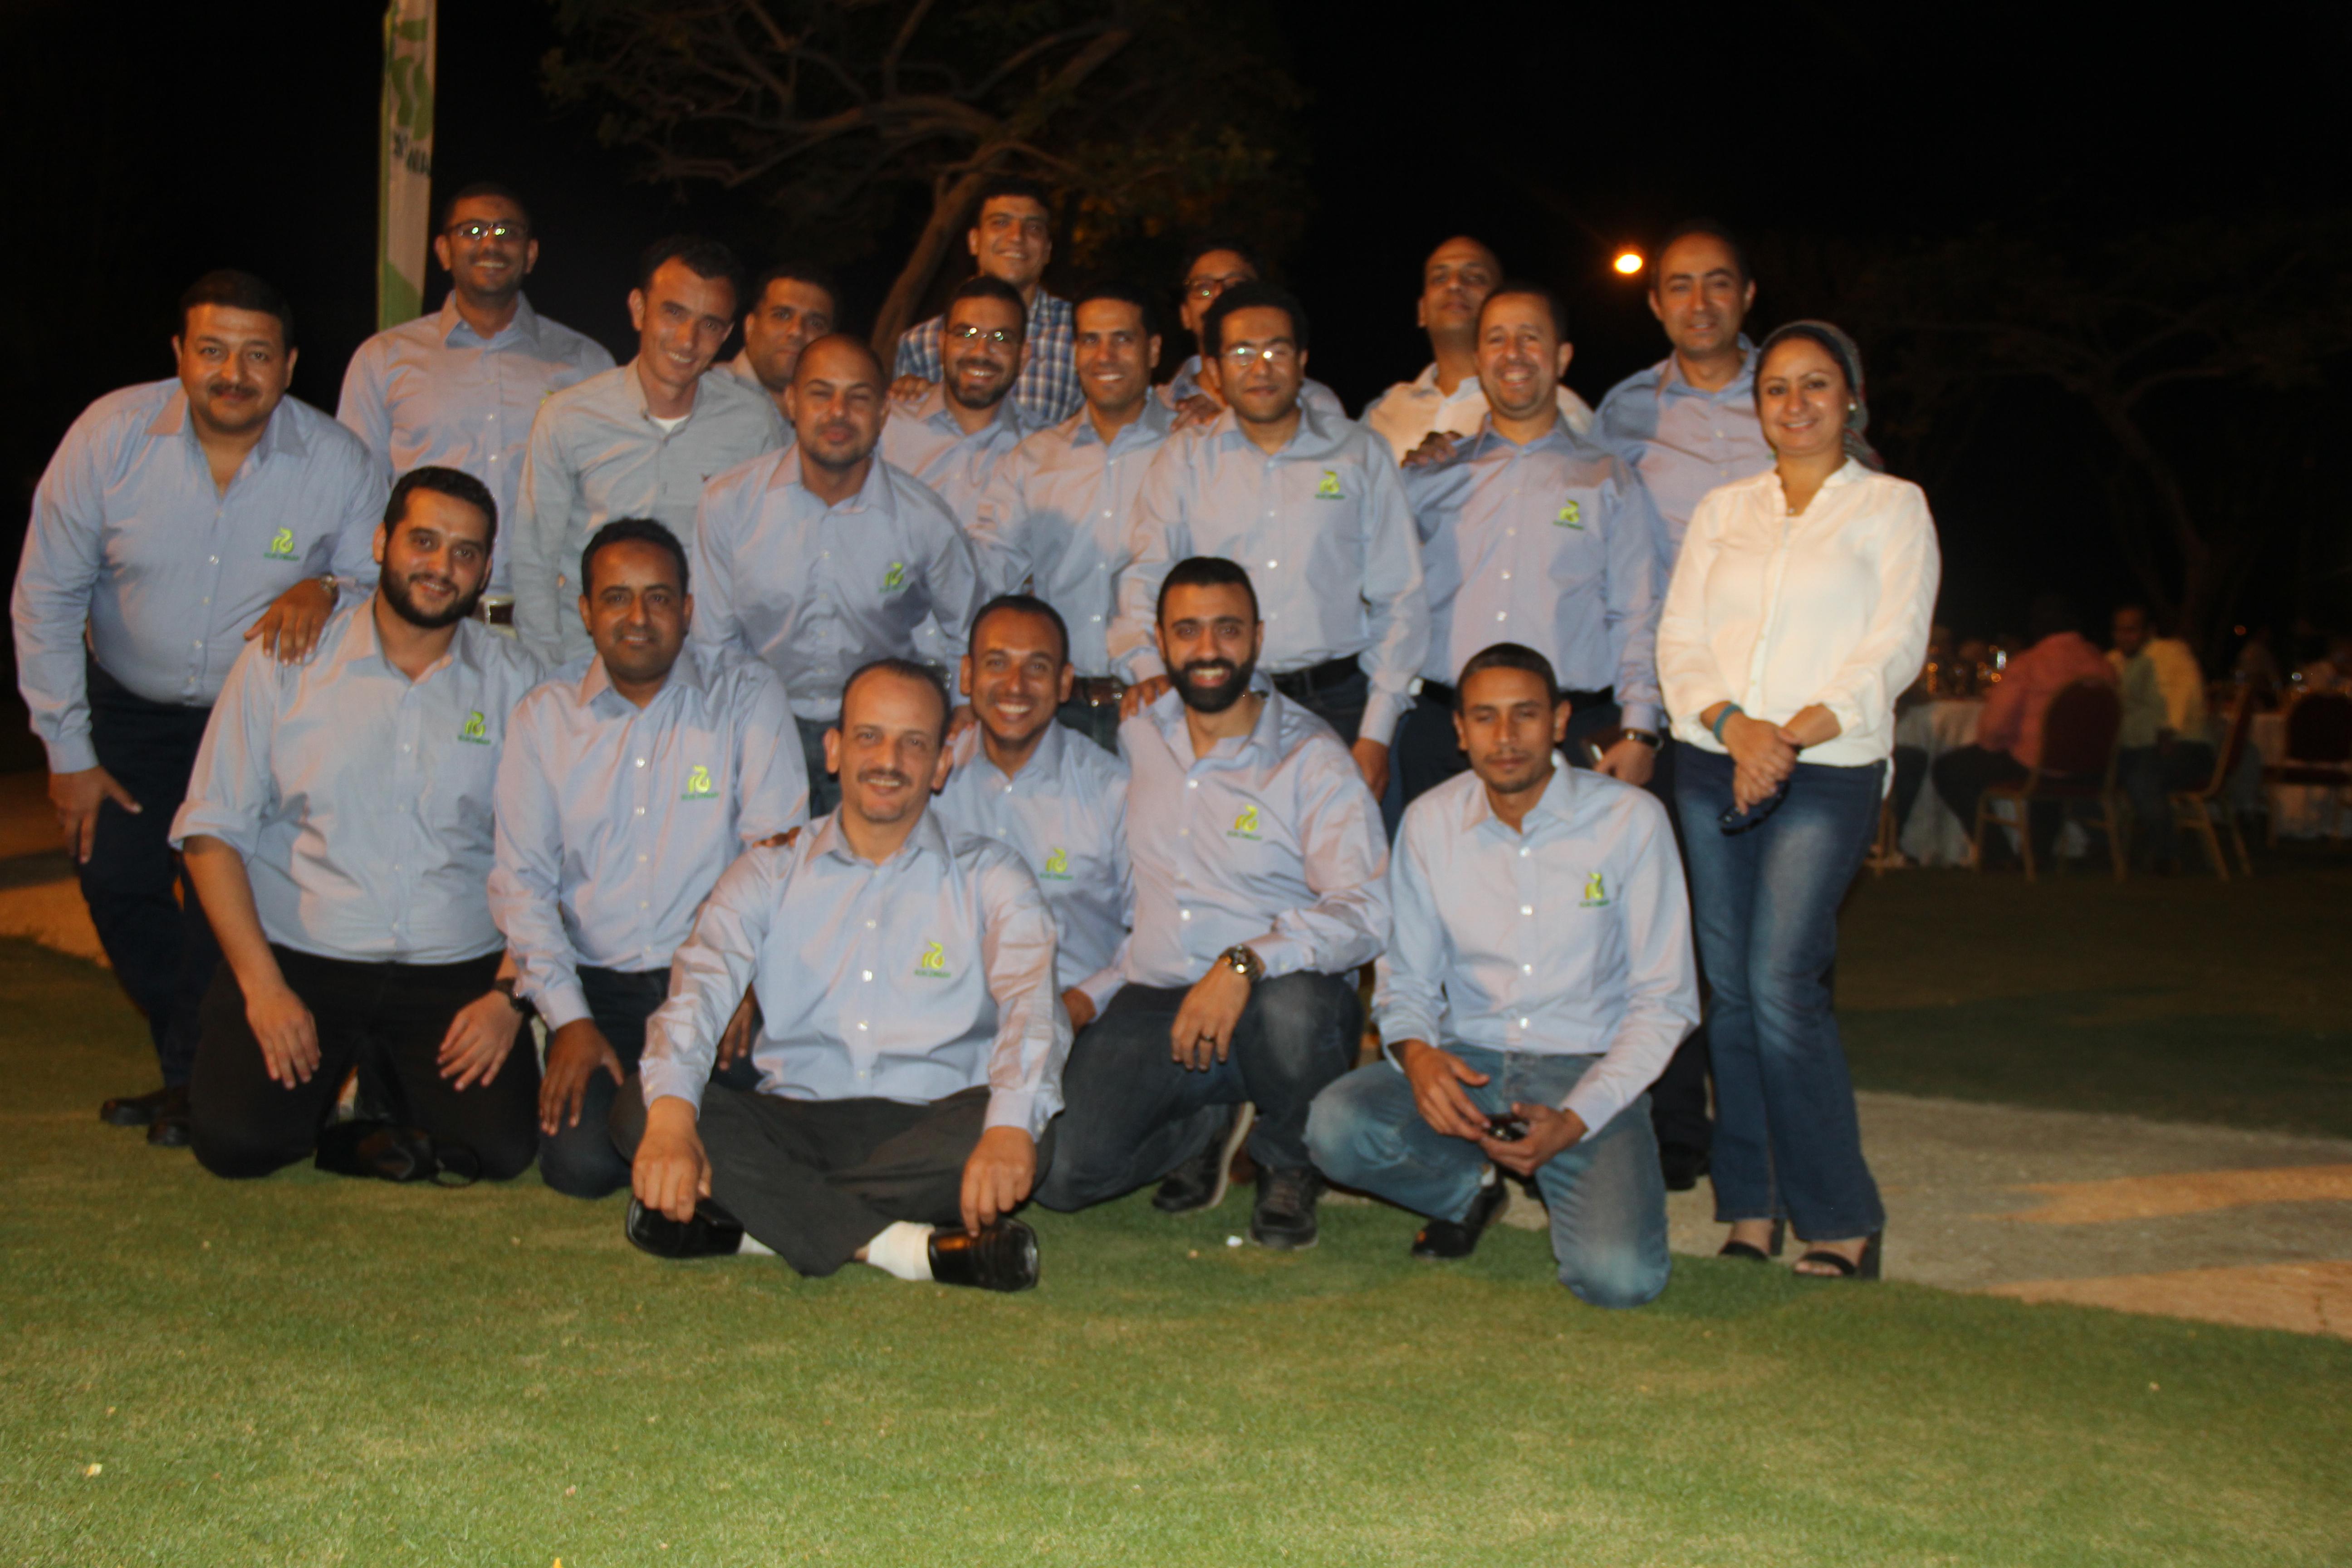 صورة وسط أجواء عائلية .. شركة رايك زوان مصر تقيم حفل افطارها السنوي